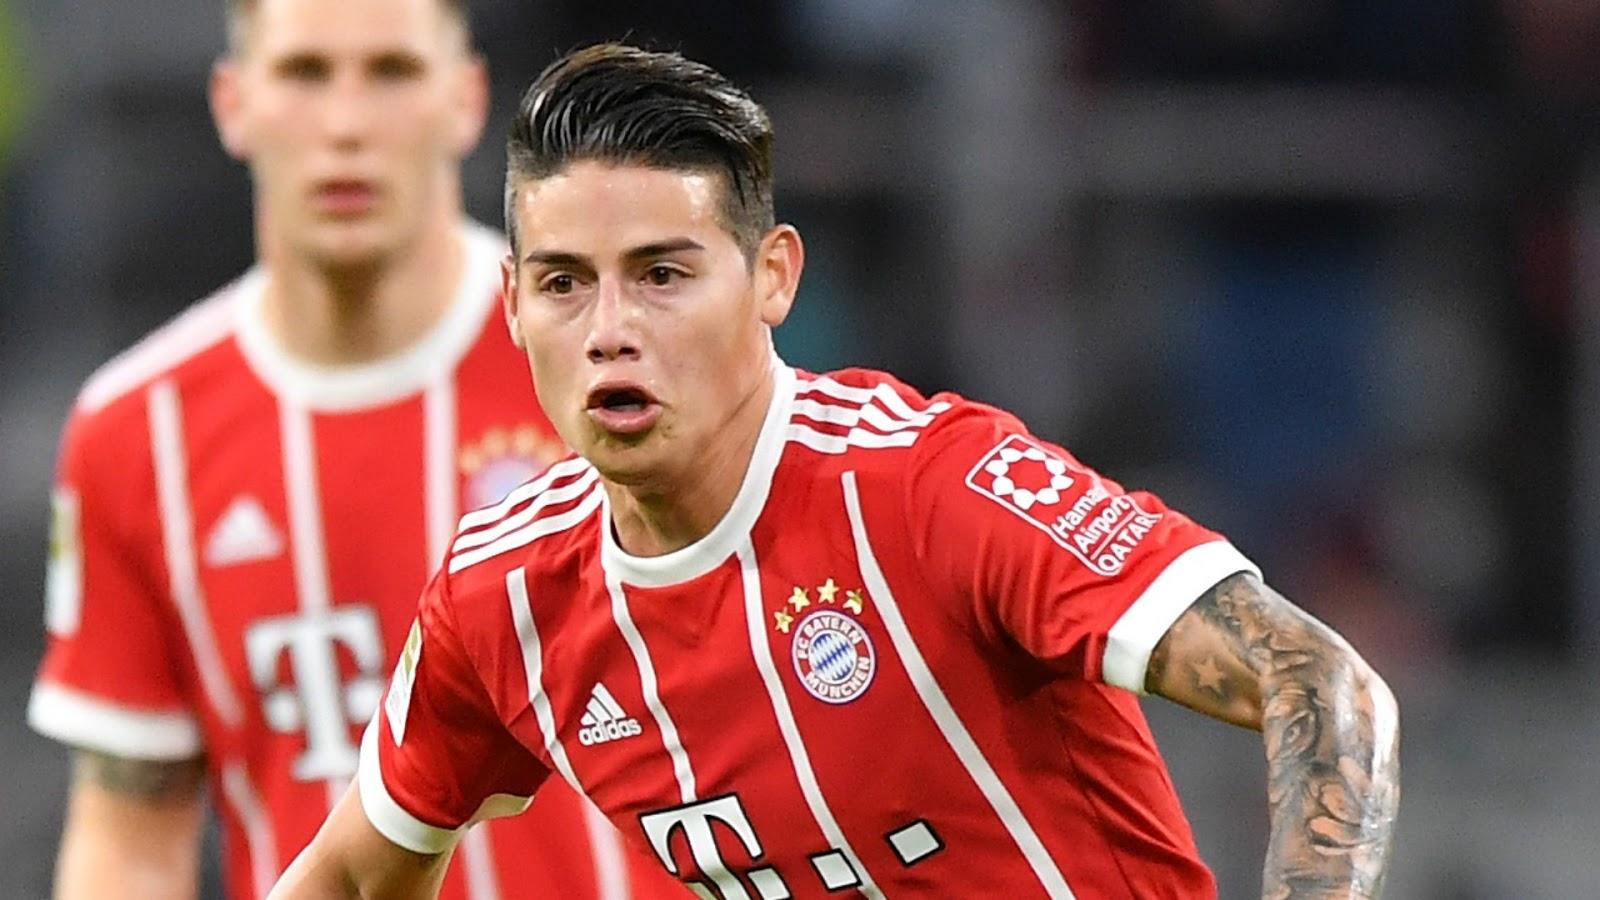 khong-co-hop-dong-mua-dut-nao-cua-Bayern-doi-voi-James-Rodriguez